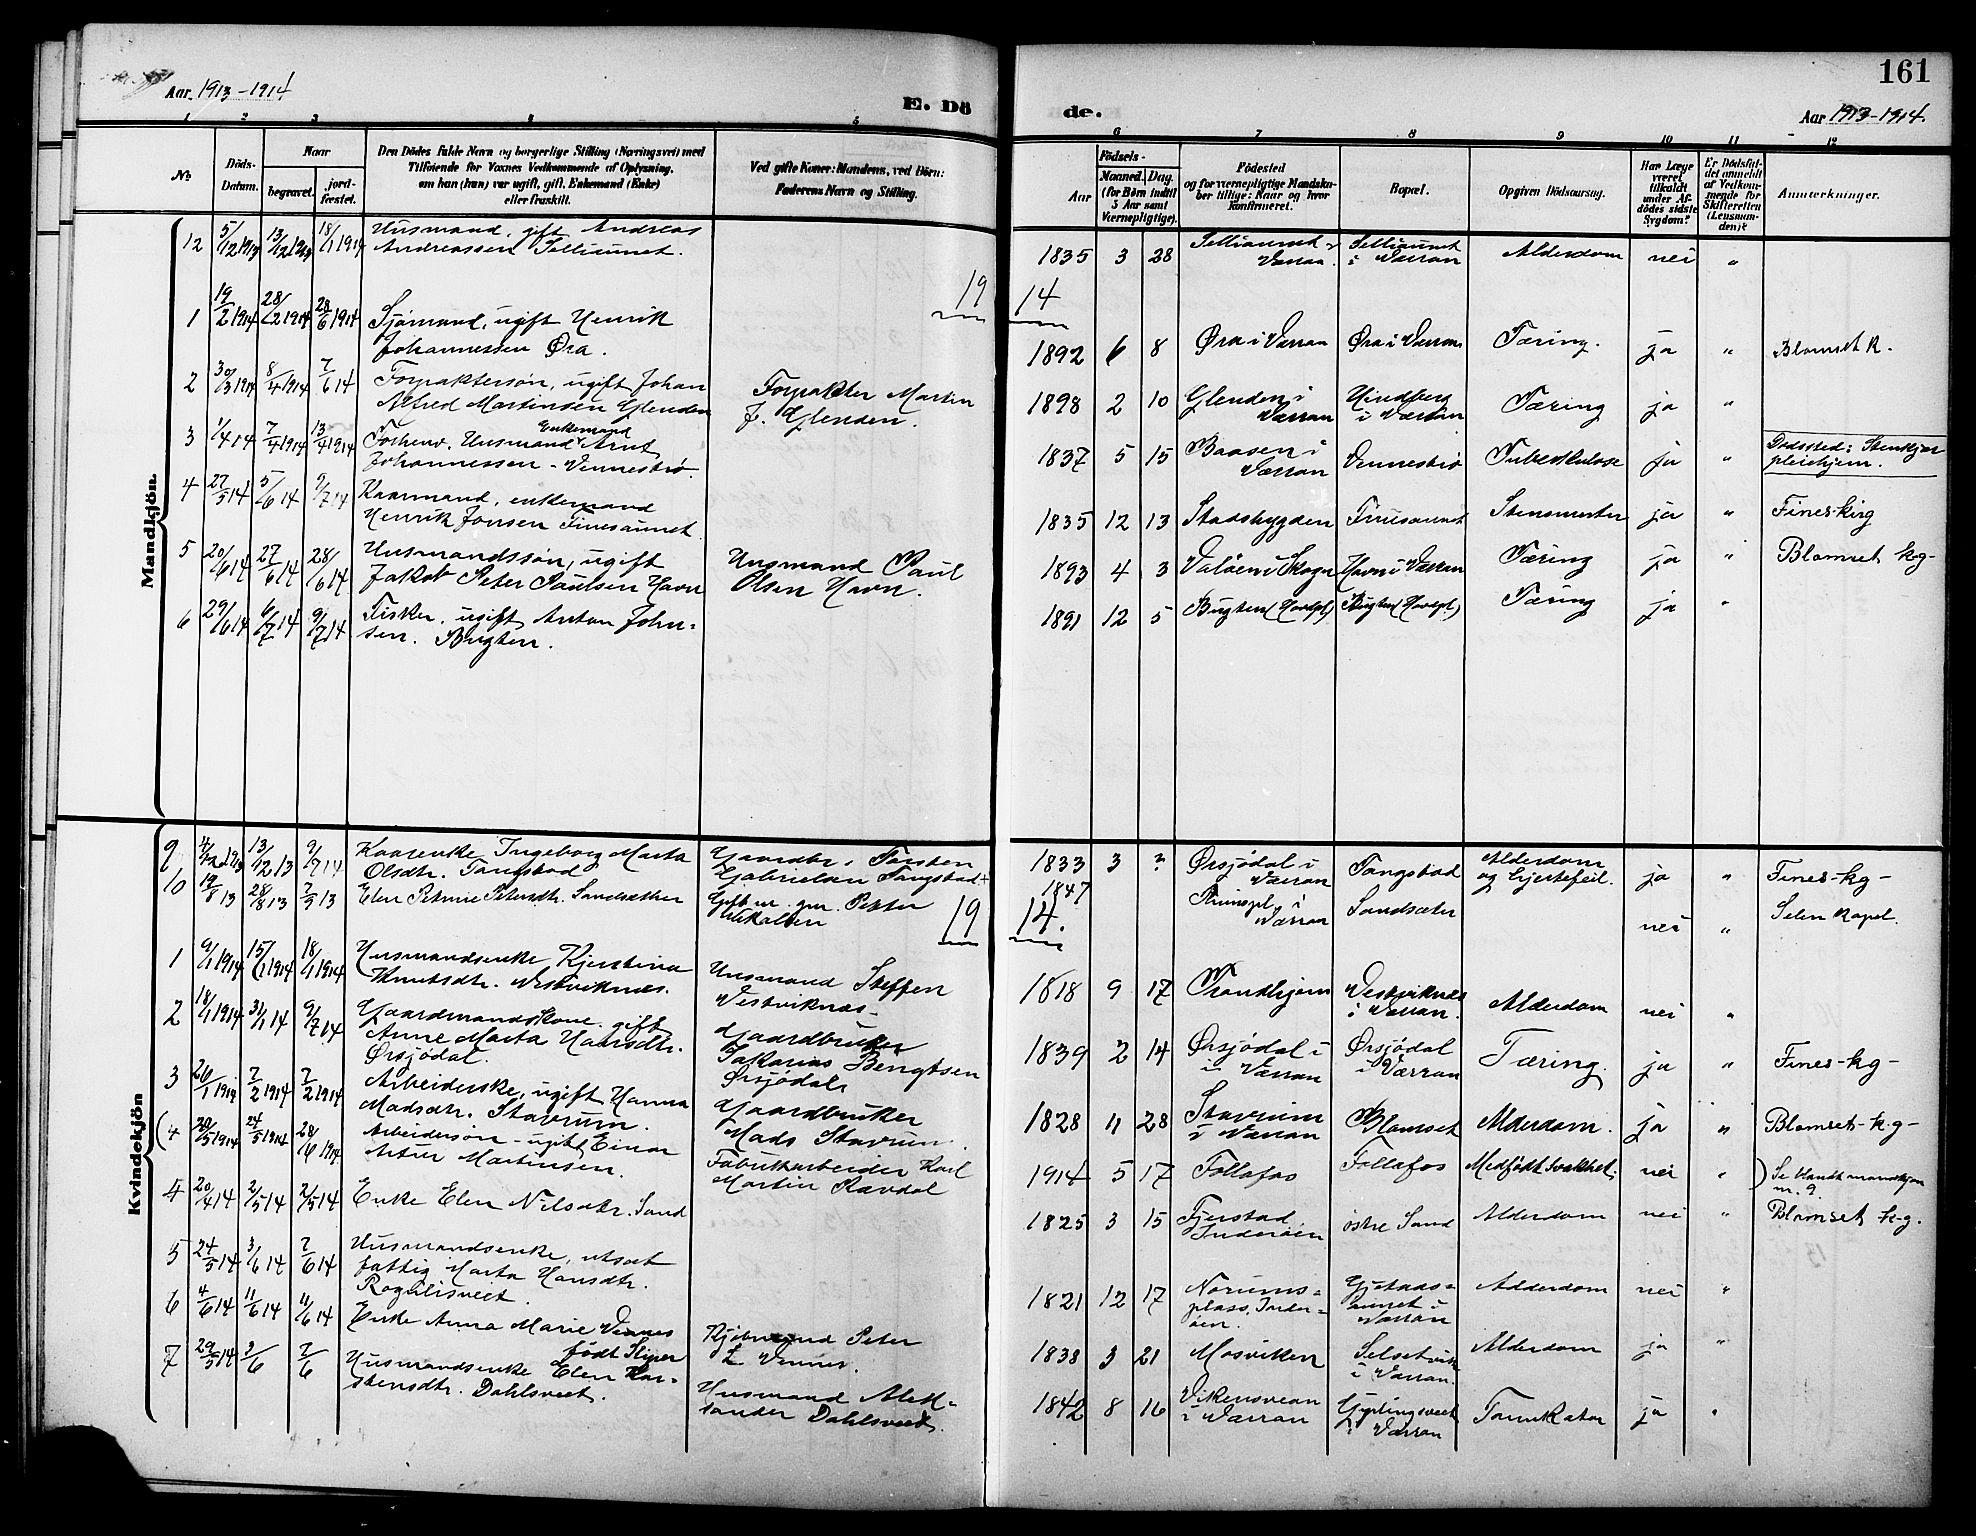 SAT, Ministerialprotokoller, klokkerbøker og fødselsregistre - Nord-Trøndelag, 744/L0424: Klokkerbok nr. 744C03, 1906-1923, s. 161